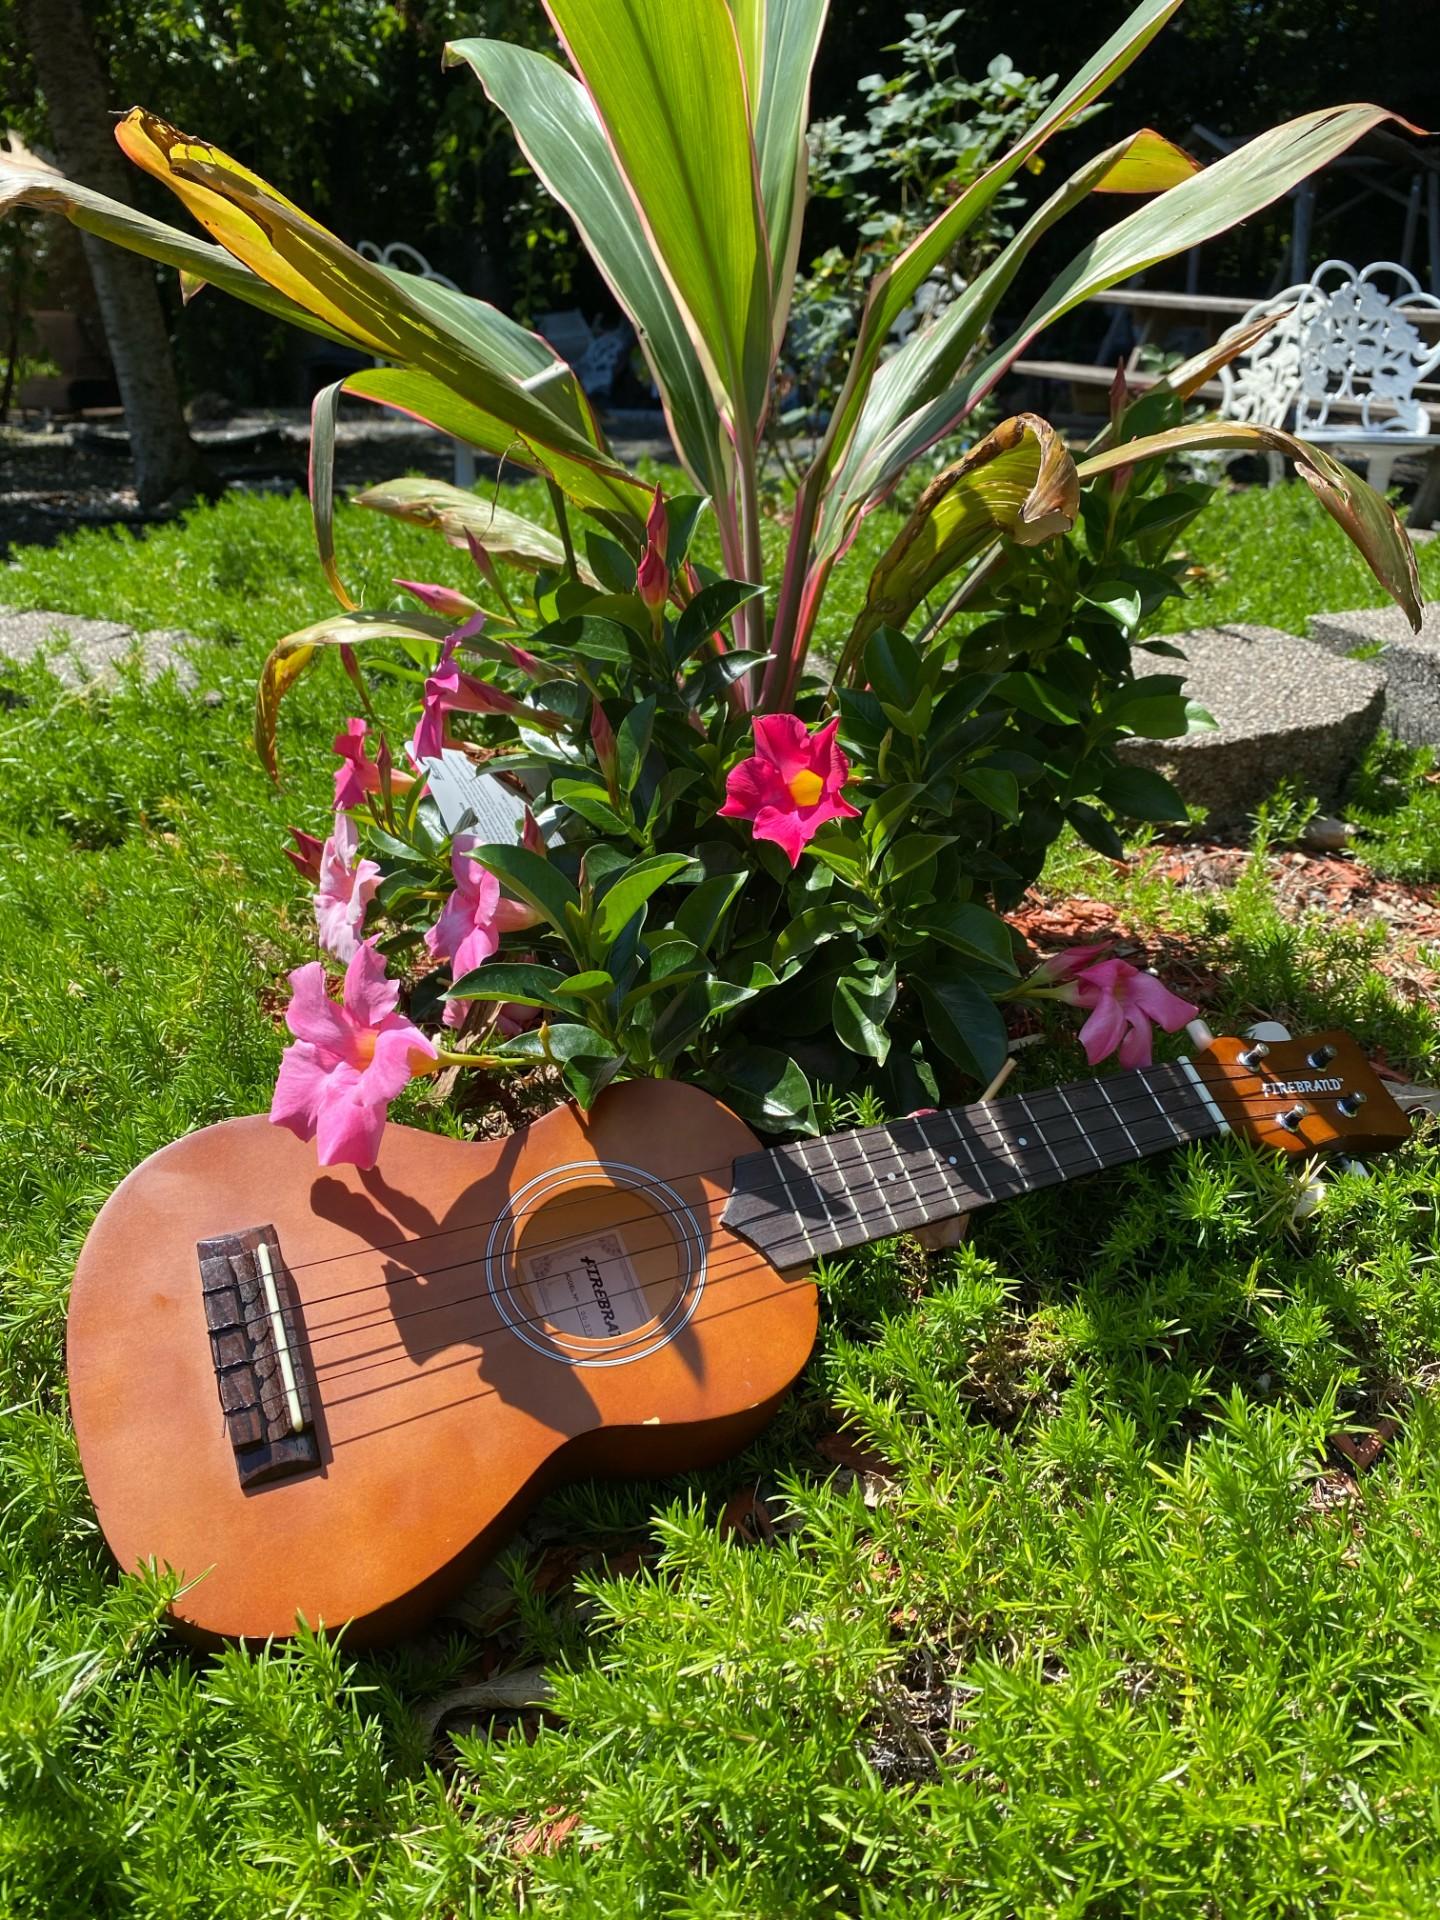 A Ukulele in front of flowers. Photo courtesy of Bendu David.